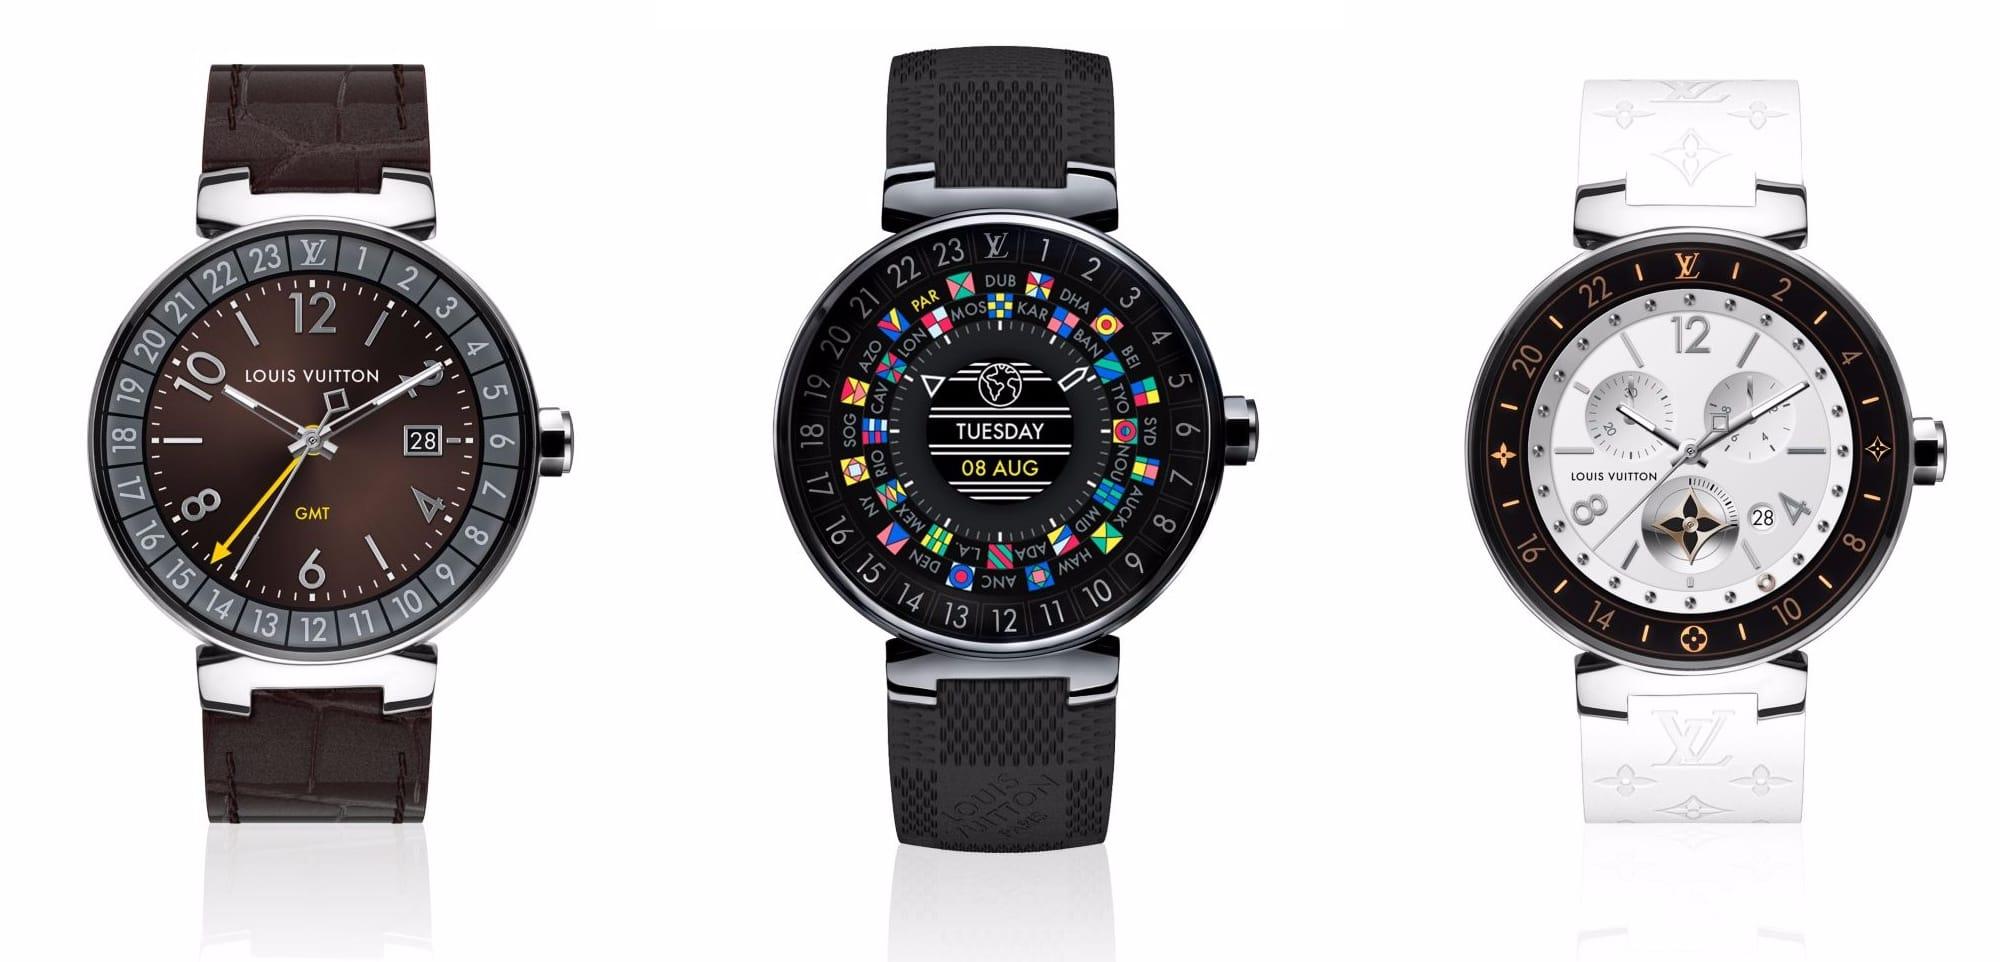 la tambour horizon de louis vuitton est une montre connect e fort on reuse watchgeneration. Black Bedroom Furniture Sets. Home Design Ideas